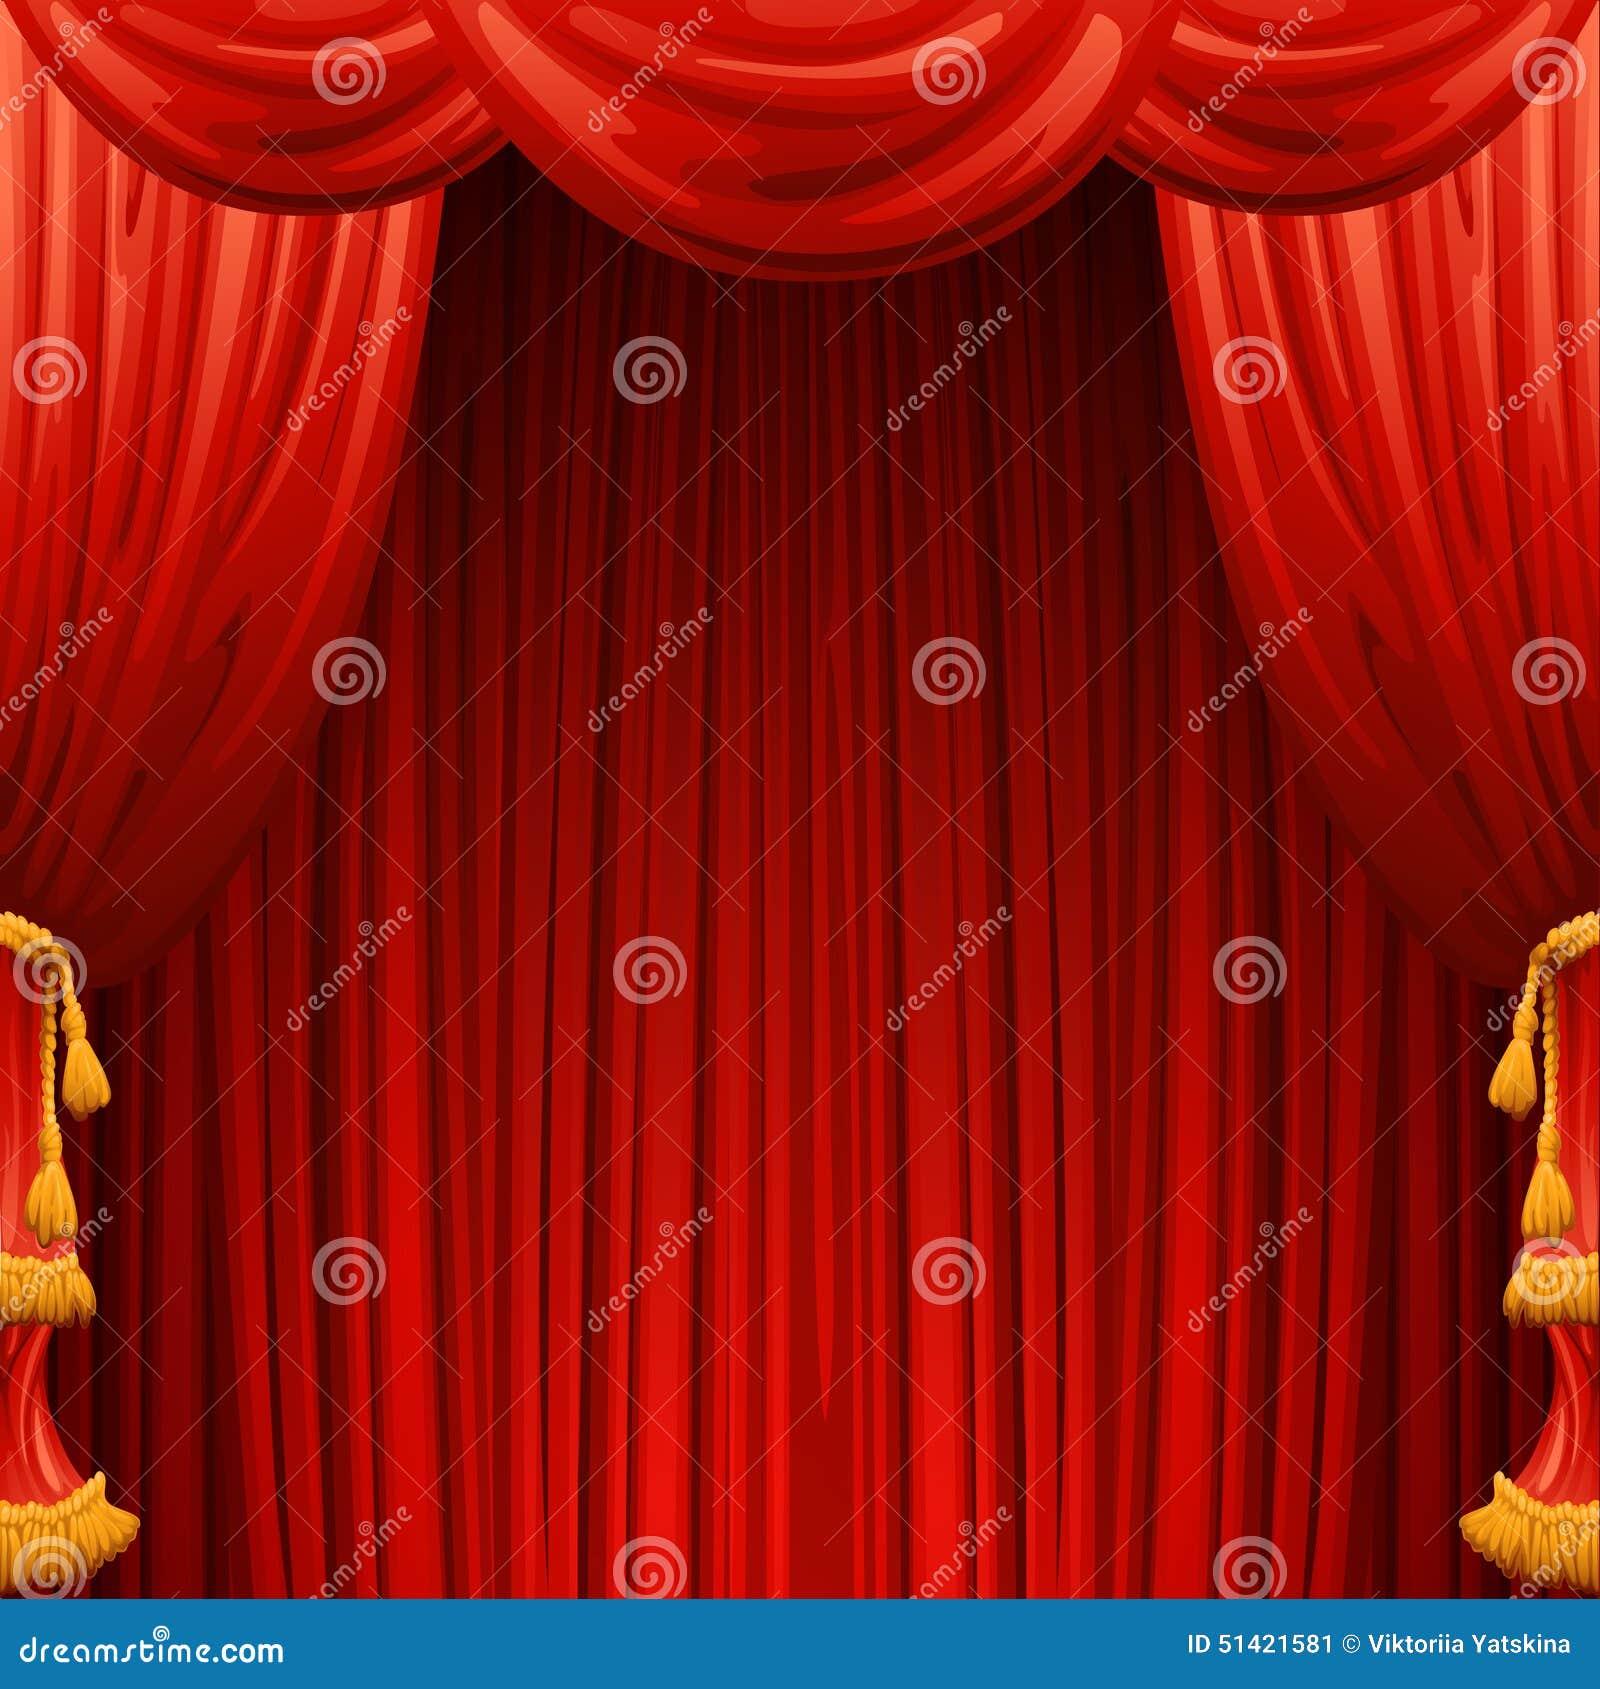 Rideaux Rouges Scène De Théâtre Illustration De Vecteur Illustration ...